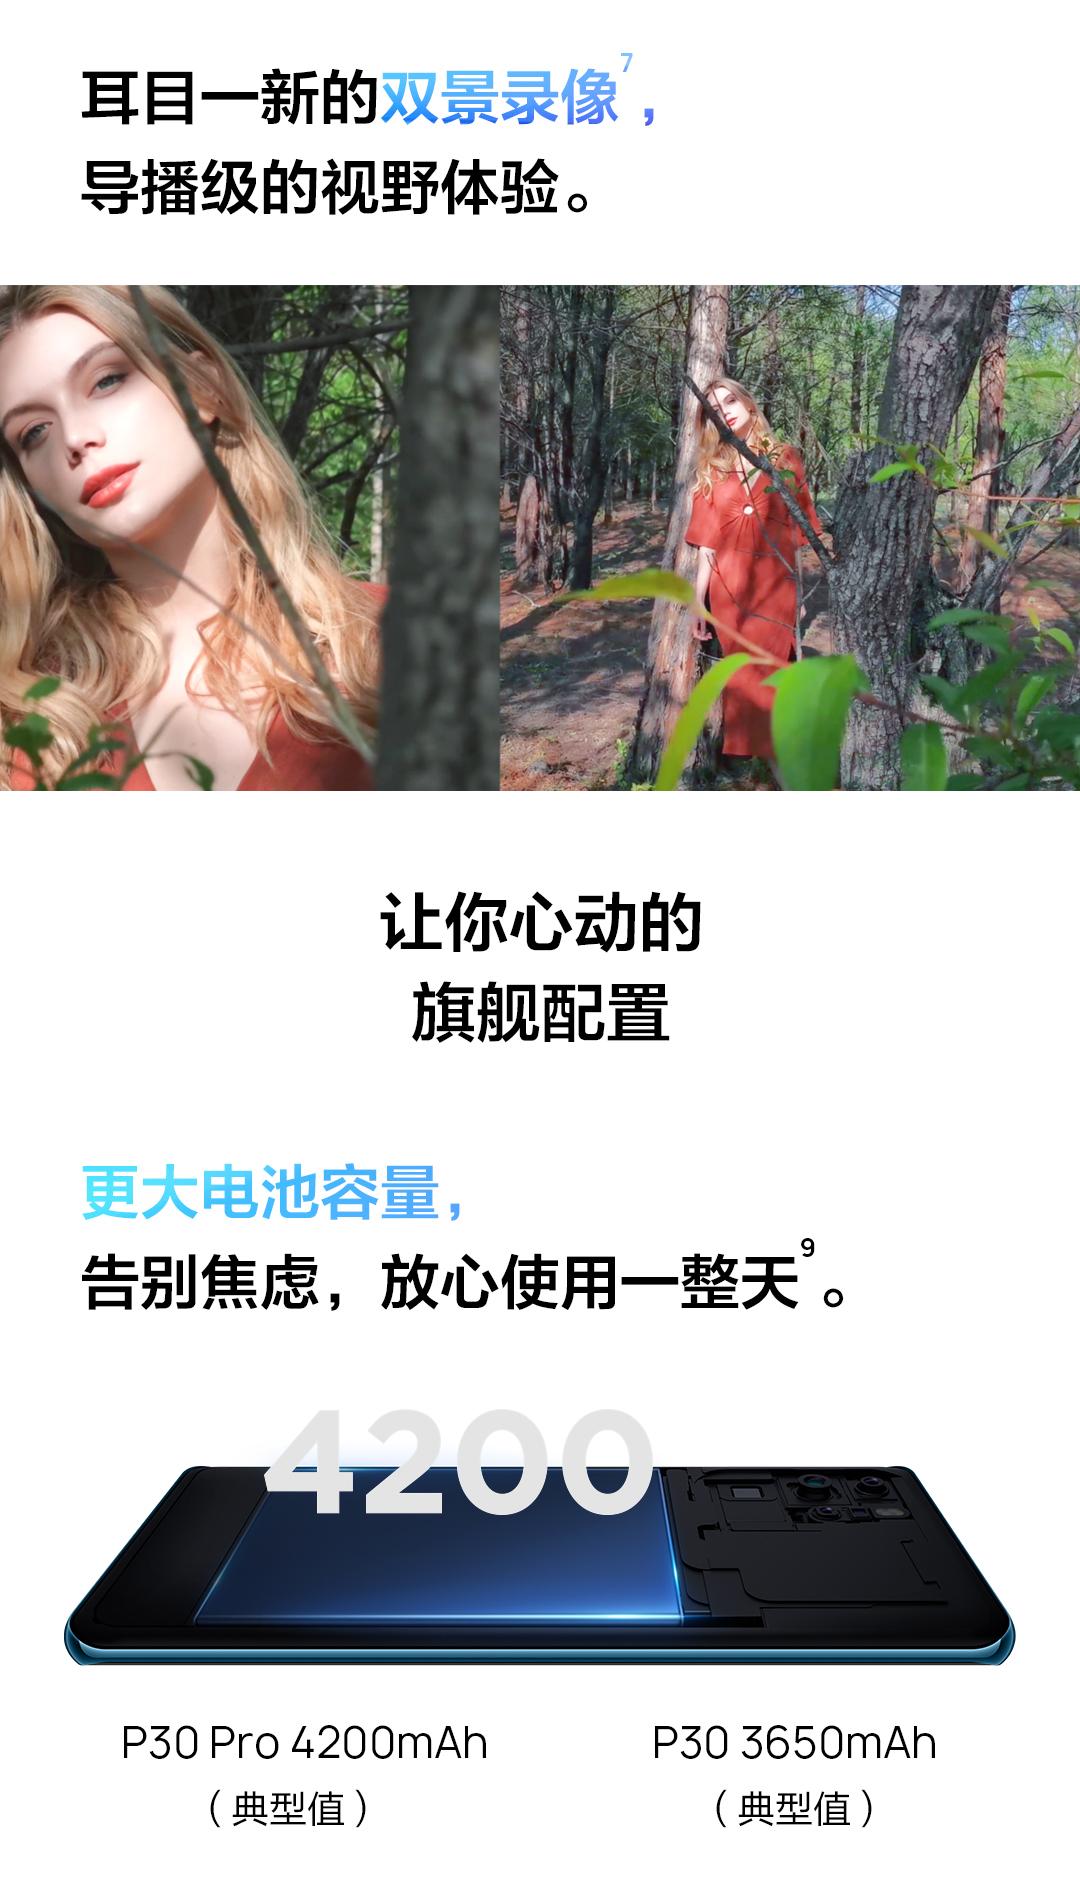 HUAWEI-P30中国区一张图_16.jpg